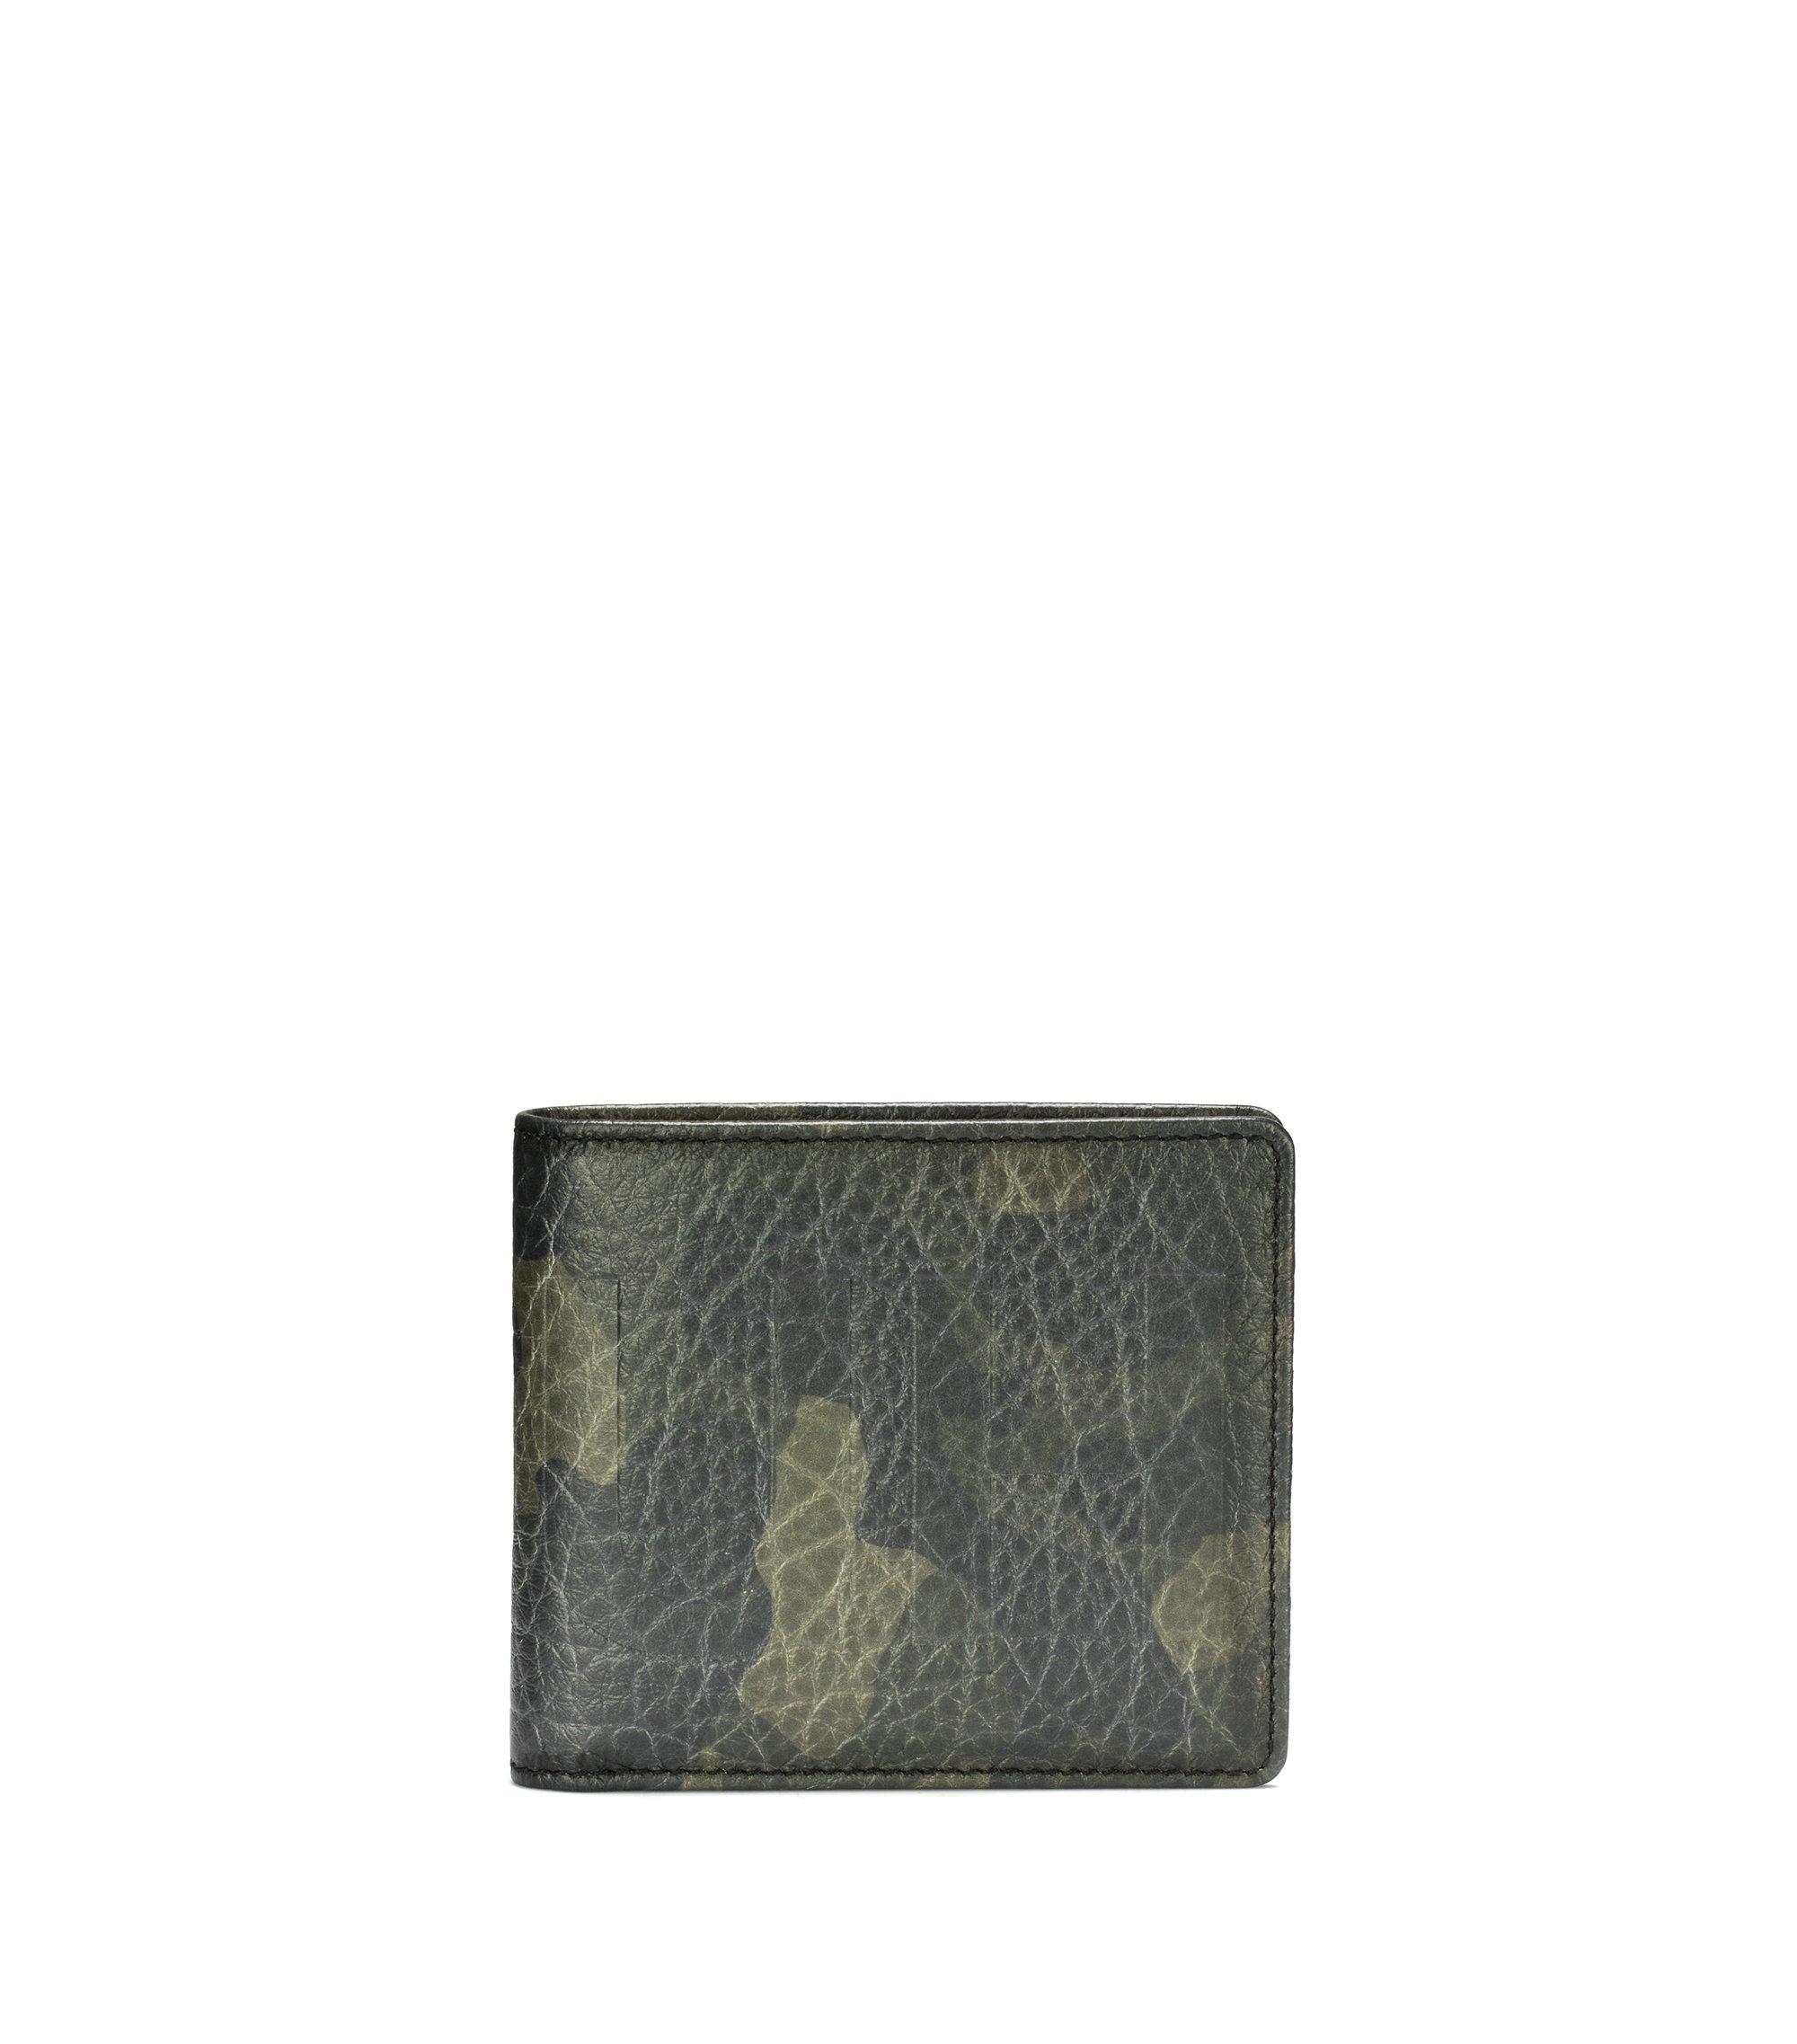 Portefeuille pliable en cuir à imprimé camouflage, avec huit fentes pour cartes, Fantaisie